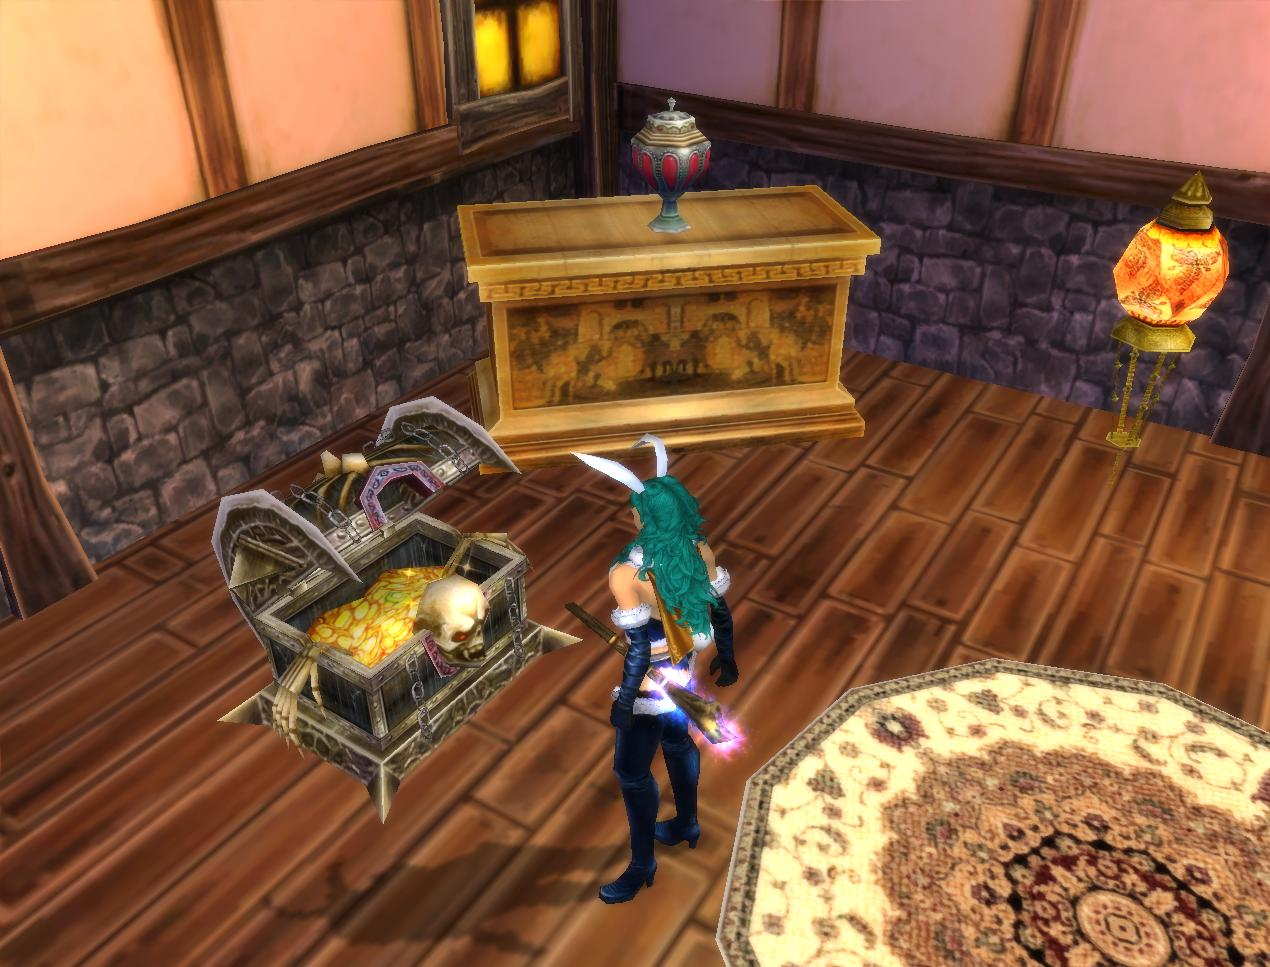 Вышел новый обзор по игре Runes of Magic. На этот раз нашему вниманию представлена система домовладения. Для чего ну ... - Изображение 1